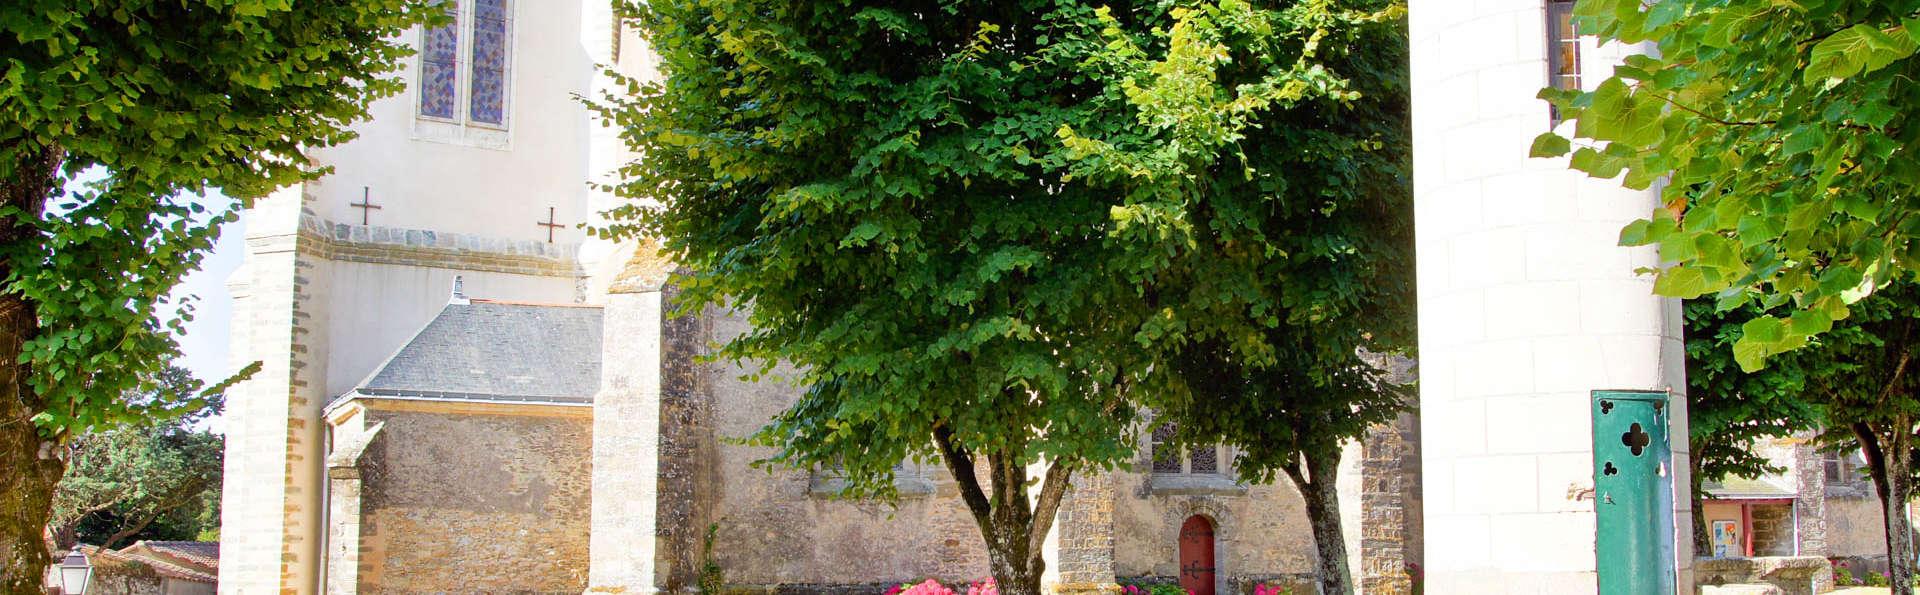 Auberge de Savoie - Edit_Destination.jpg